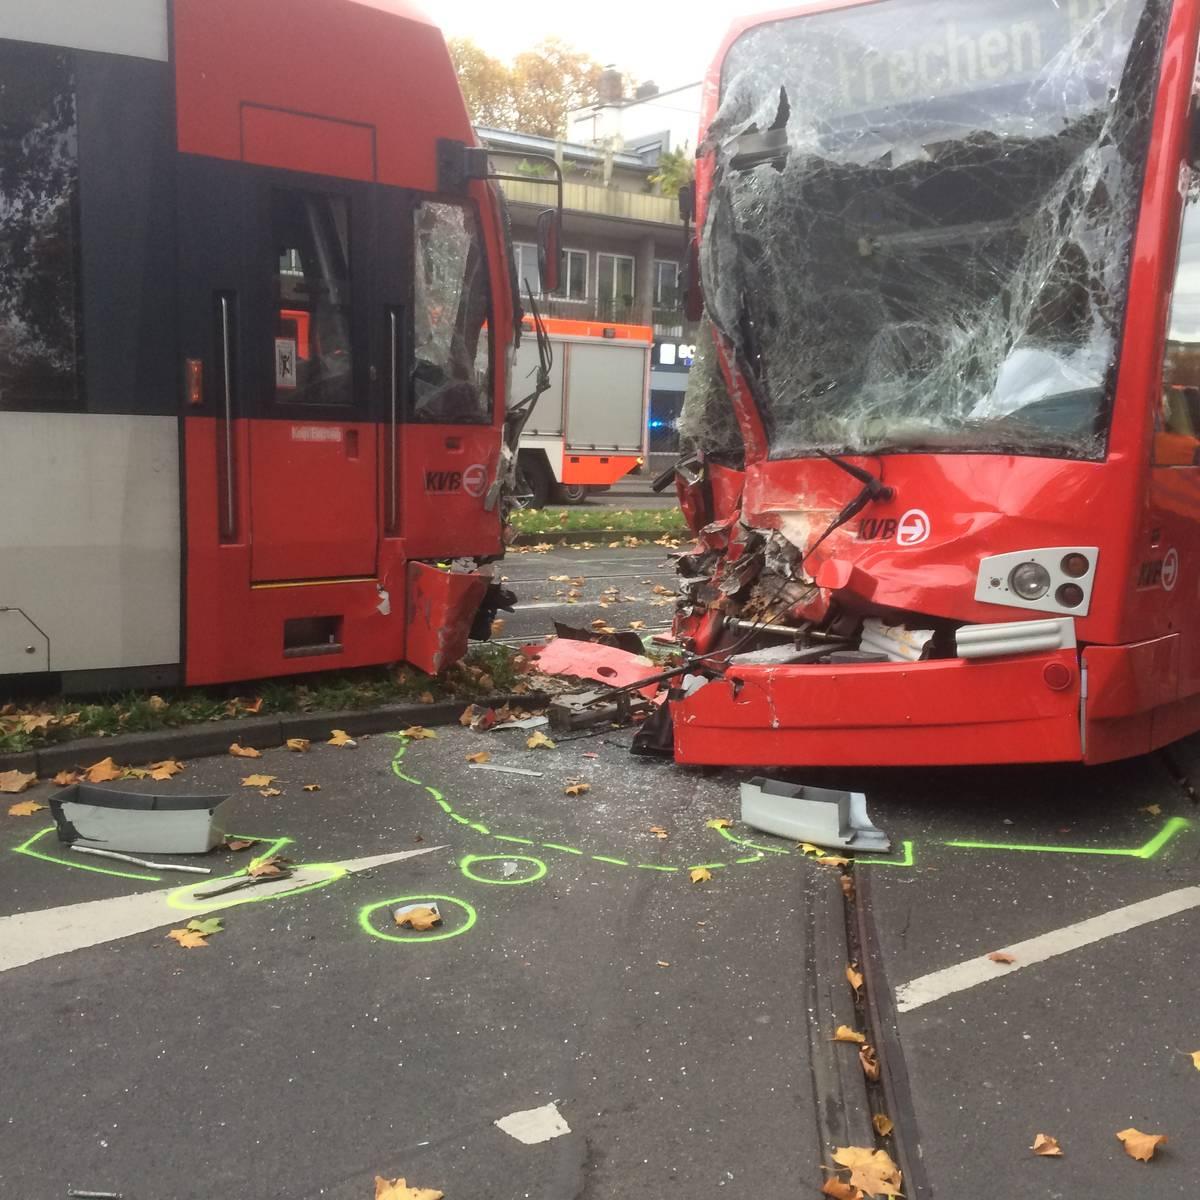 Unfall Kvb Köln